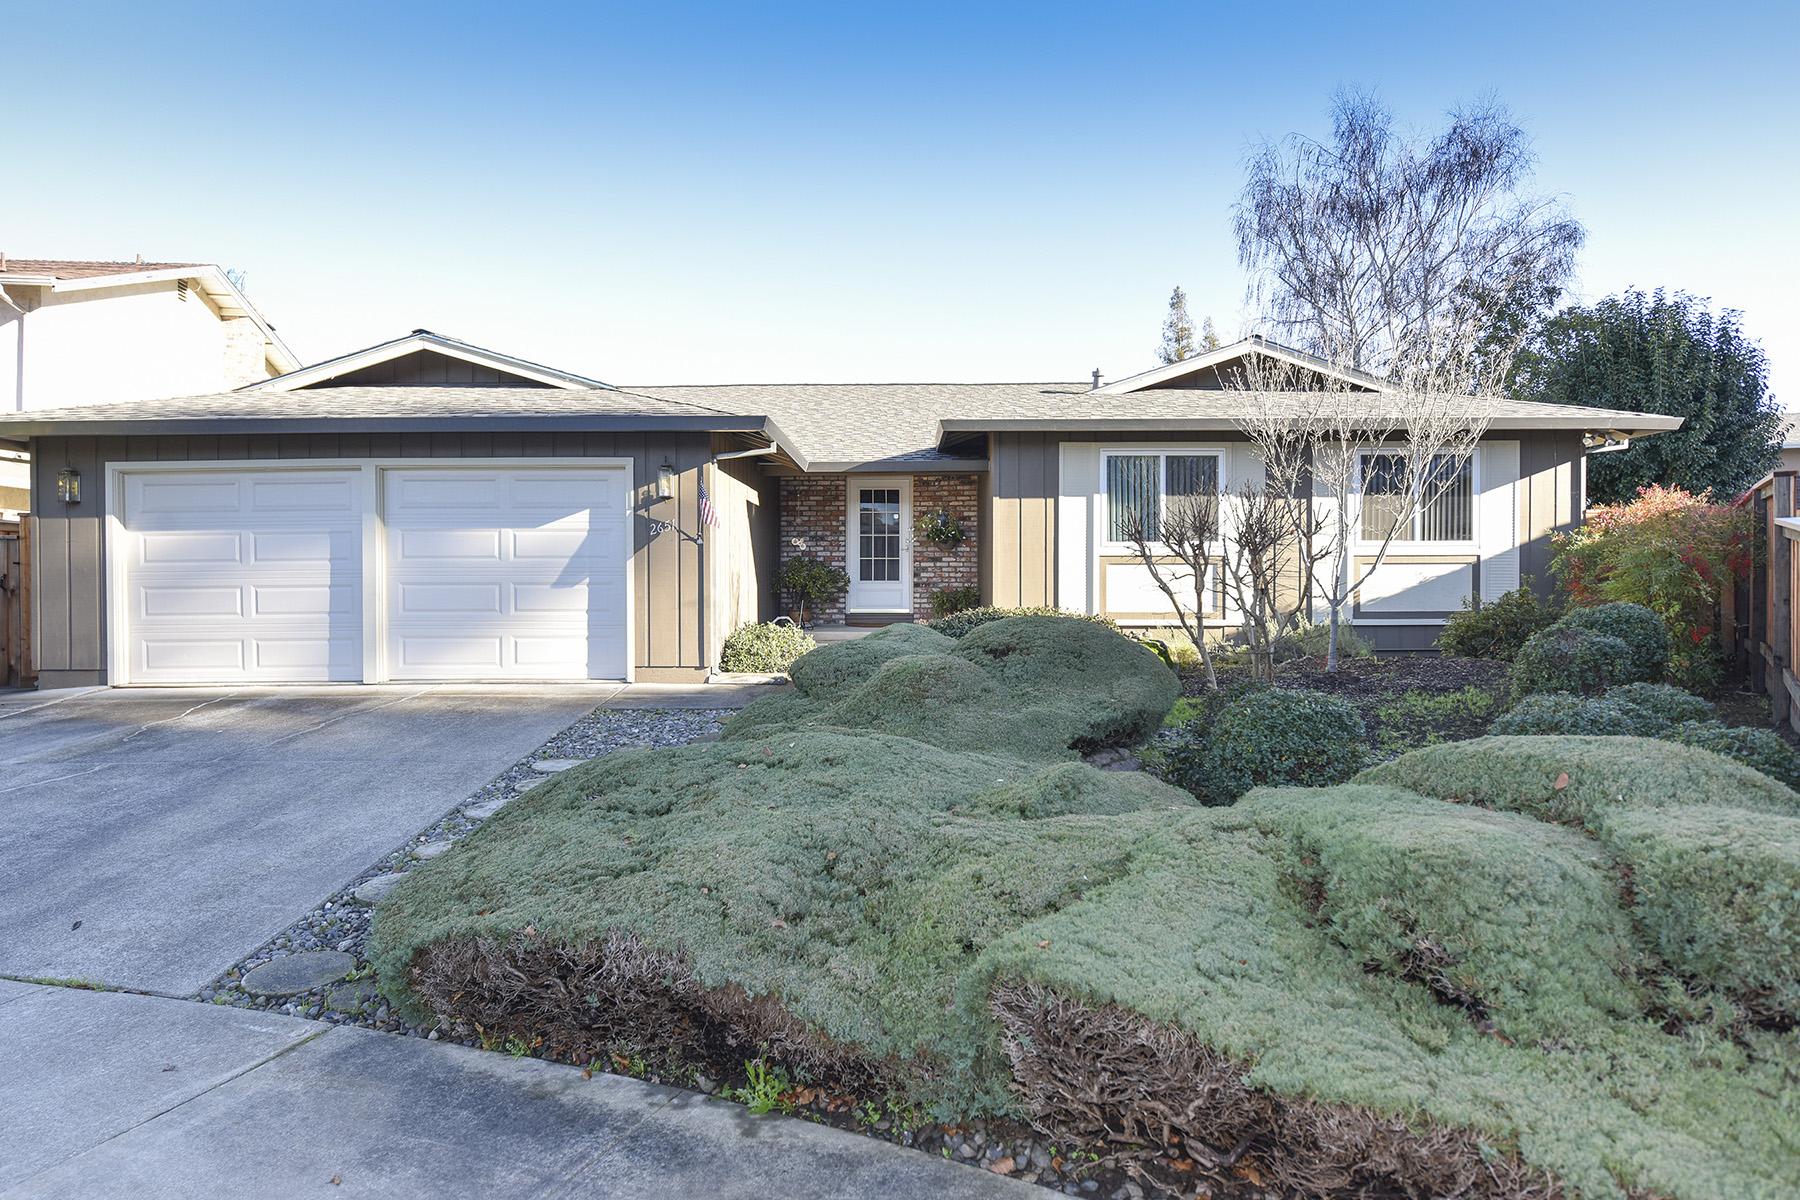 Maison unifamiliale pour l Vente à 2651 Basswood Ct, Napa, CA 94558 2651 Basswood Ct Napa, Californie, 94558 États-Unis